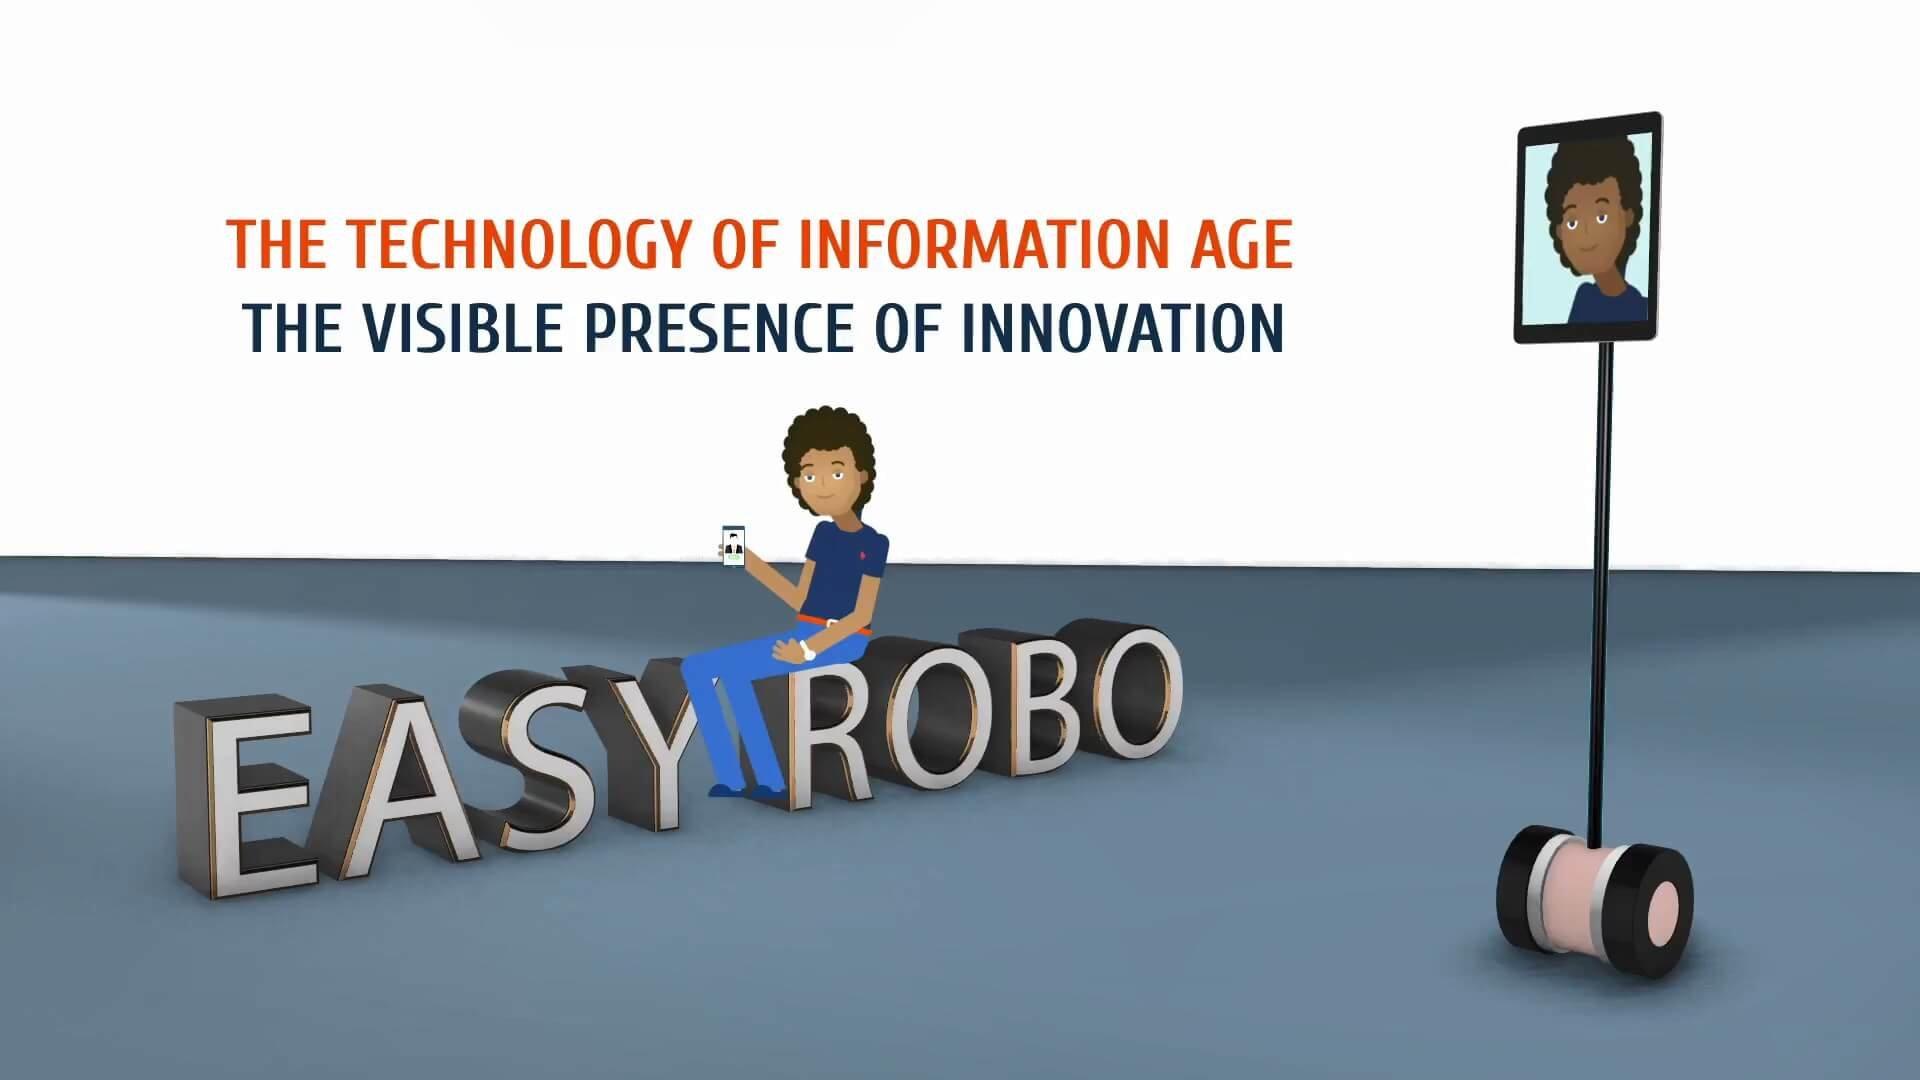 Easy Robo10 1920x1080 - Easy Robo Animasyon Filmi